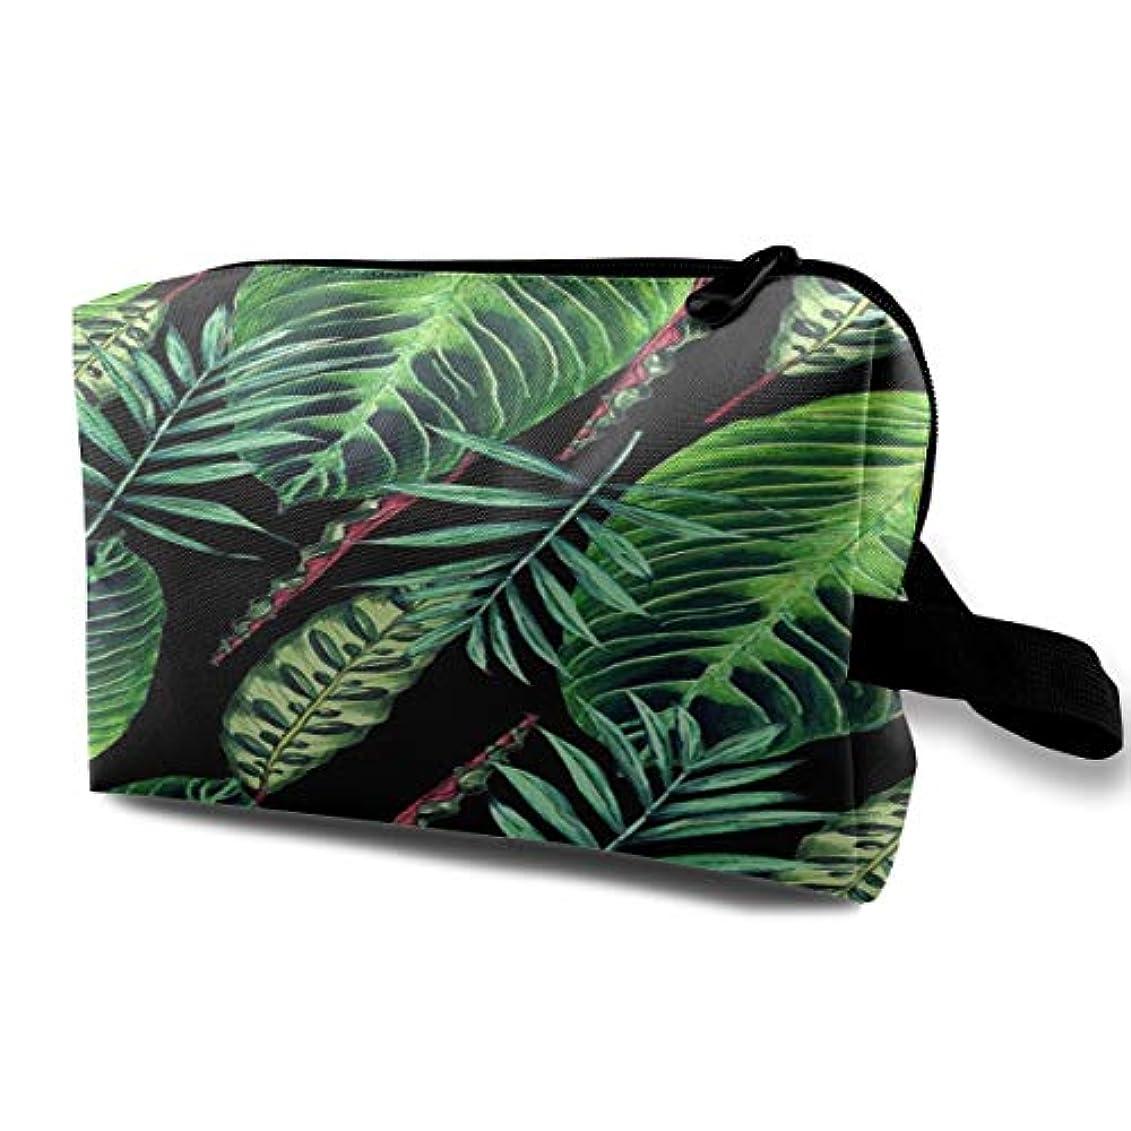 まもなくマイコン主人Banana Leaf Pattern 収納ポーチ 化粧ポーチ 大容量 軽量 耐久性 ハンドル付持ち運び便利。入れ 自宅?出張?旅行?アウトドア撮影などに対応。メンズ レディース トラベルグッズ